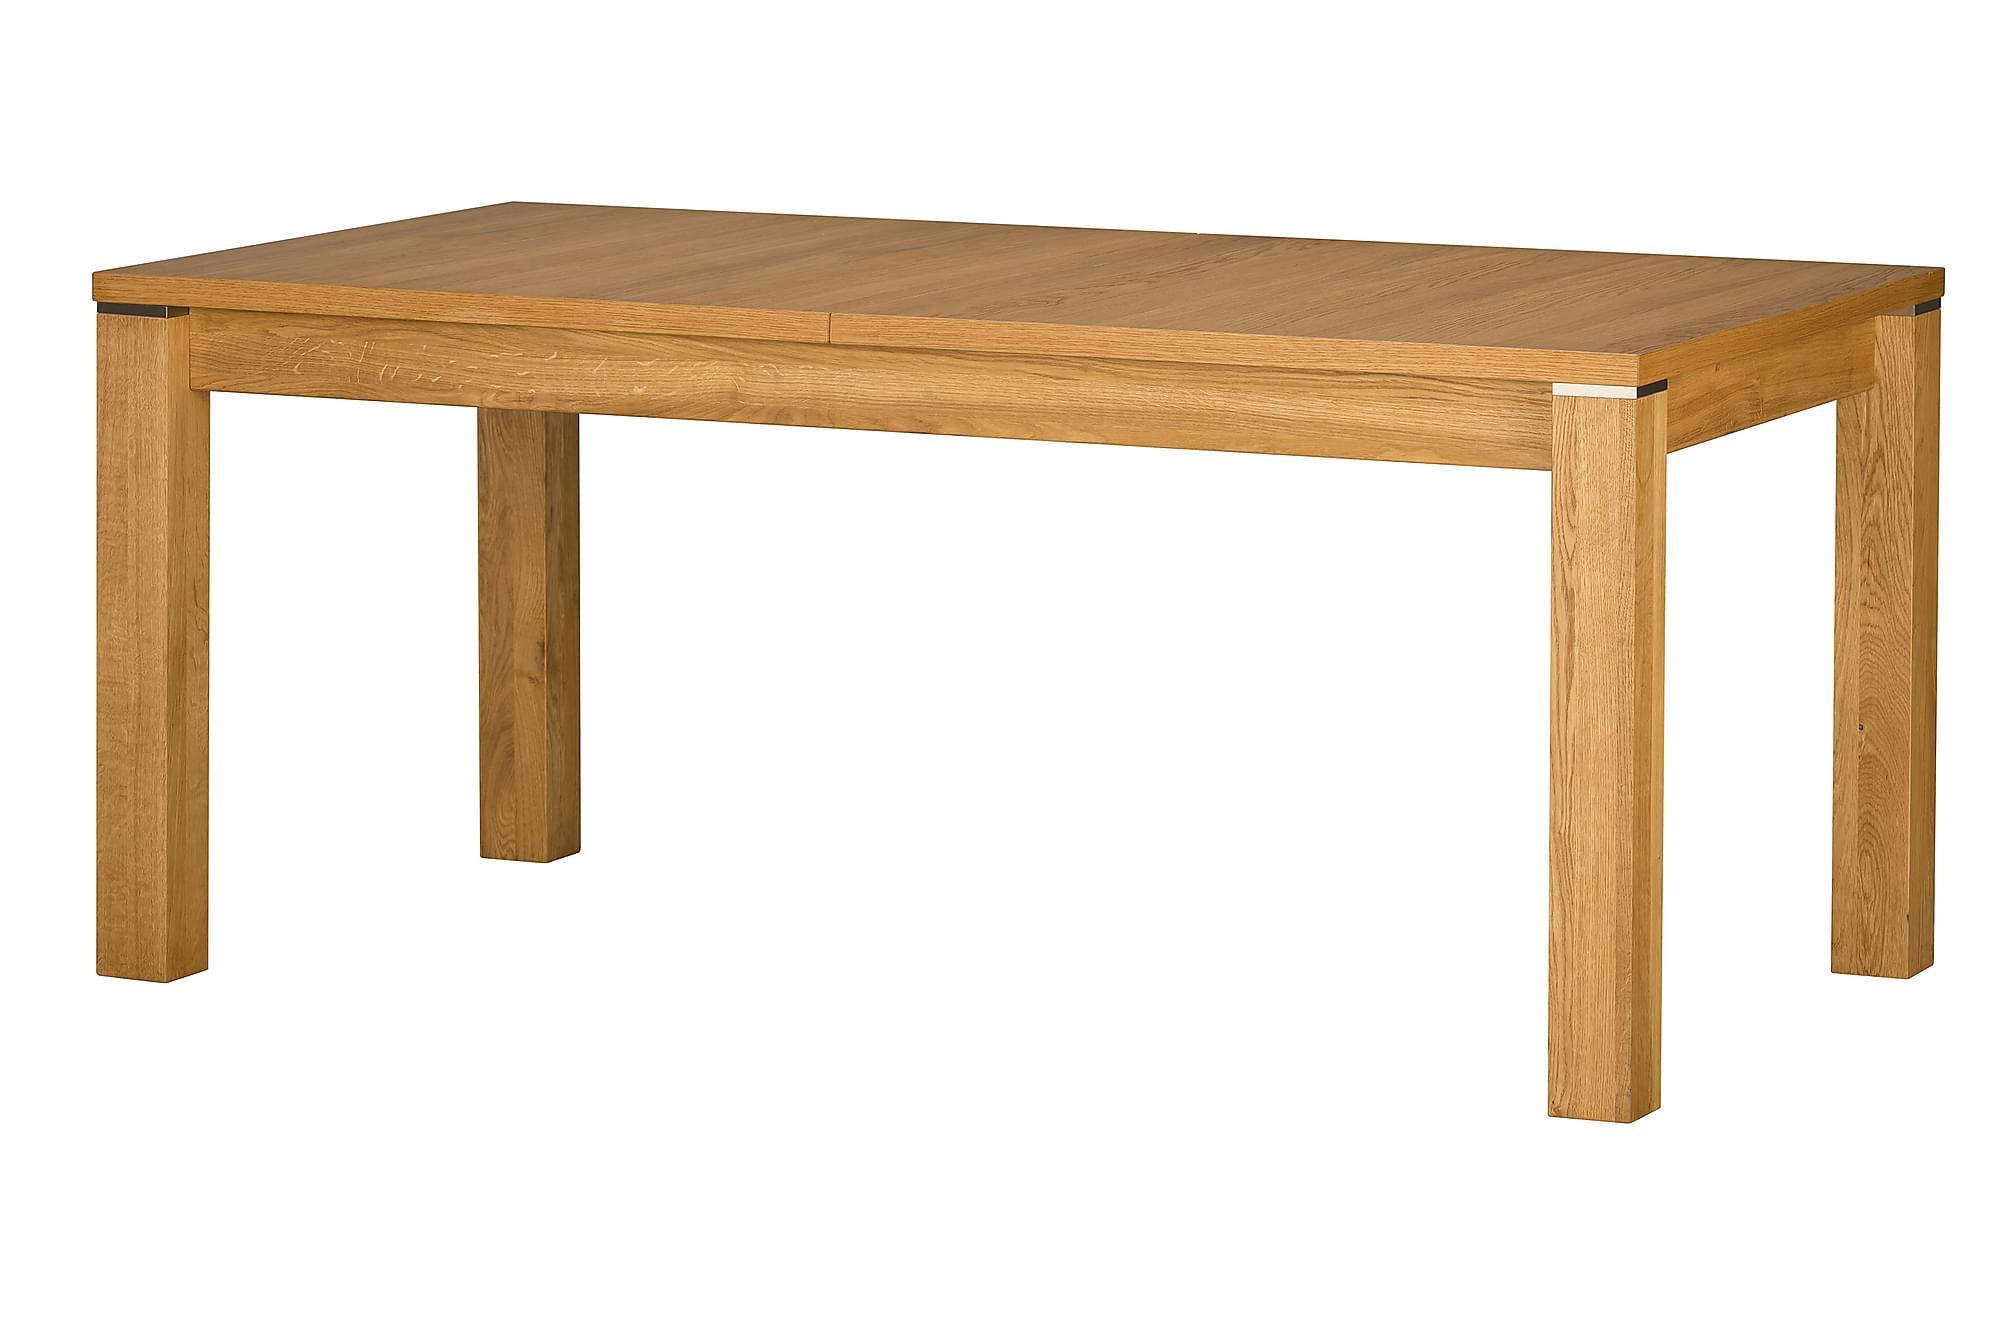 ADDEO Förlängningsbart Matbord 180 Ek, Matbord